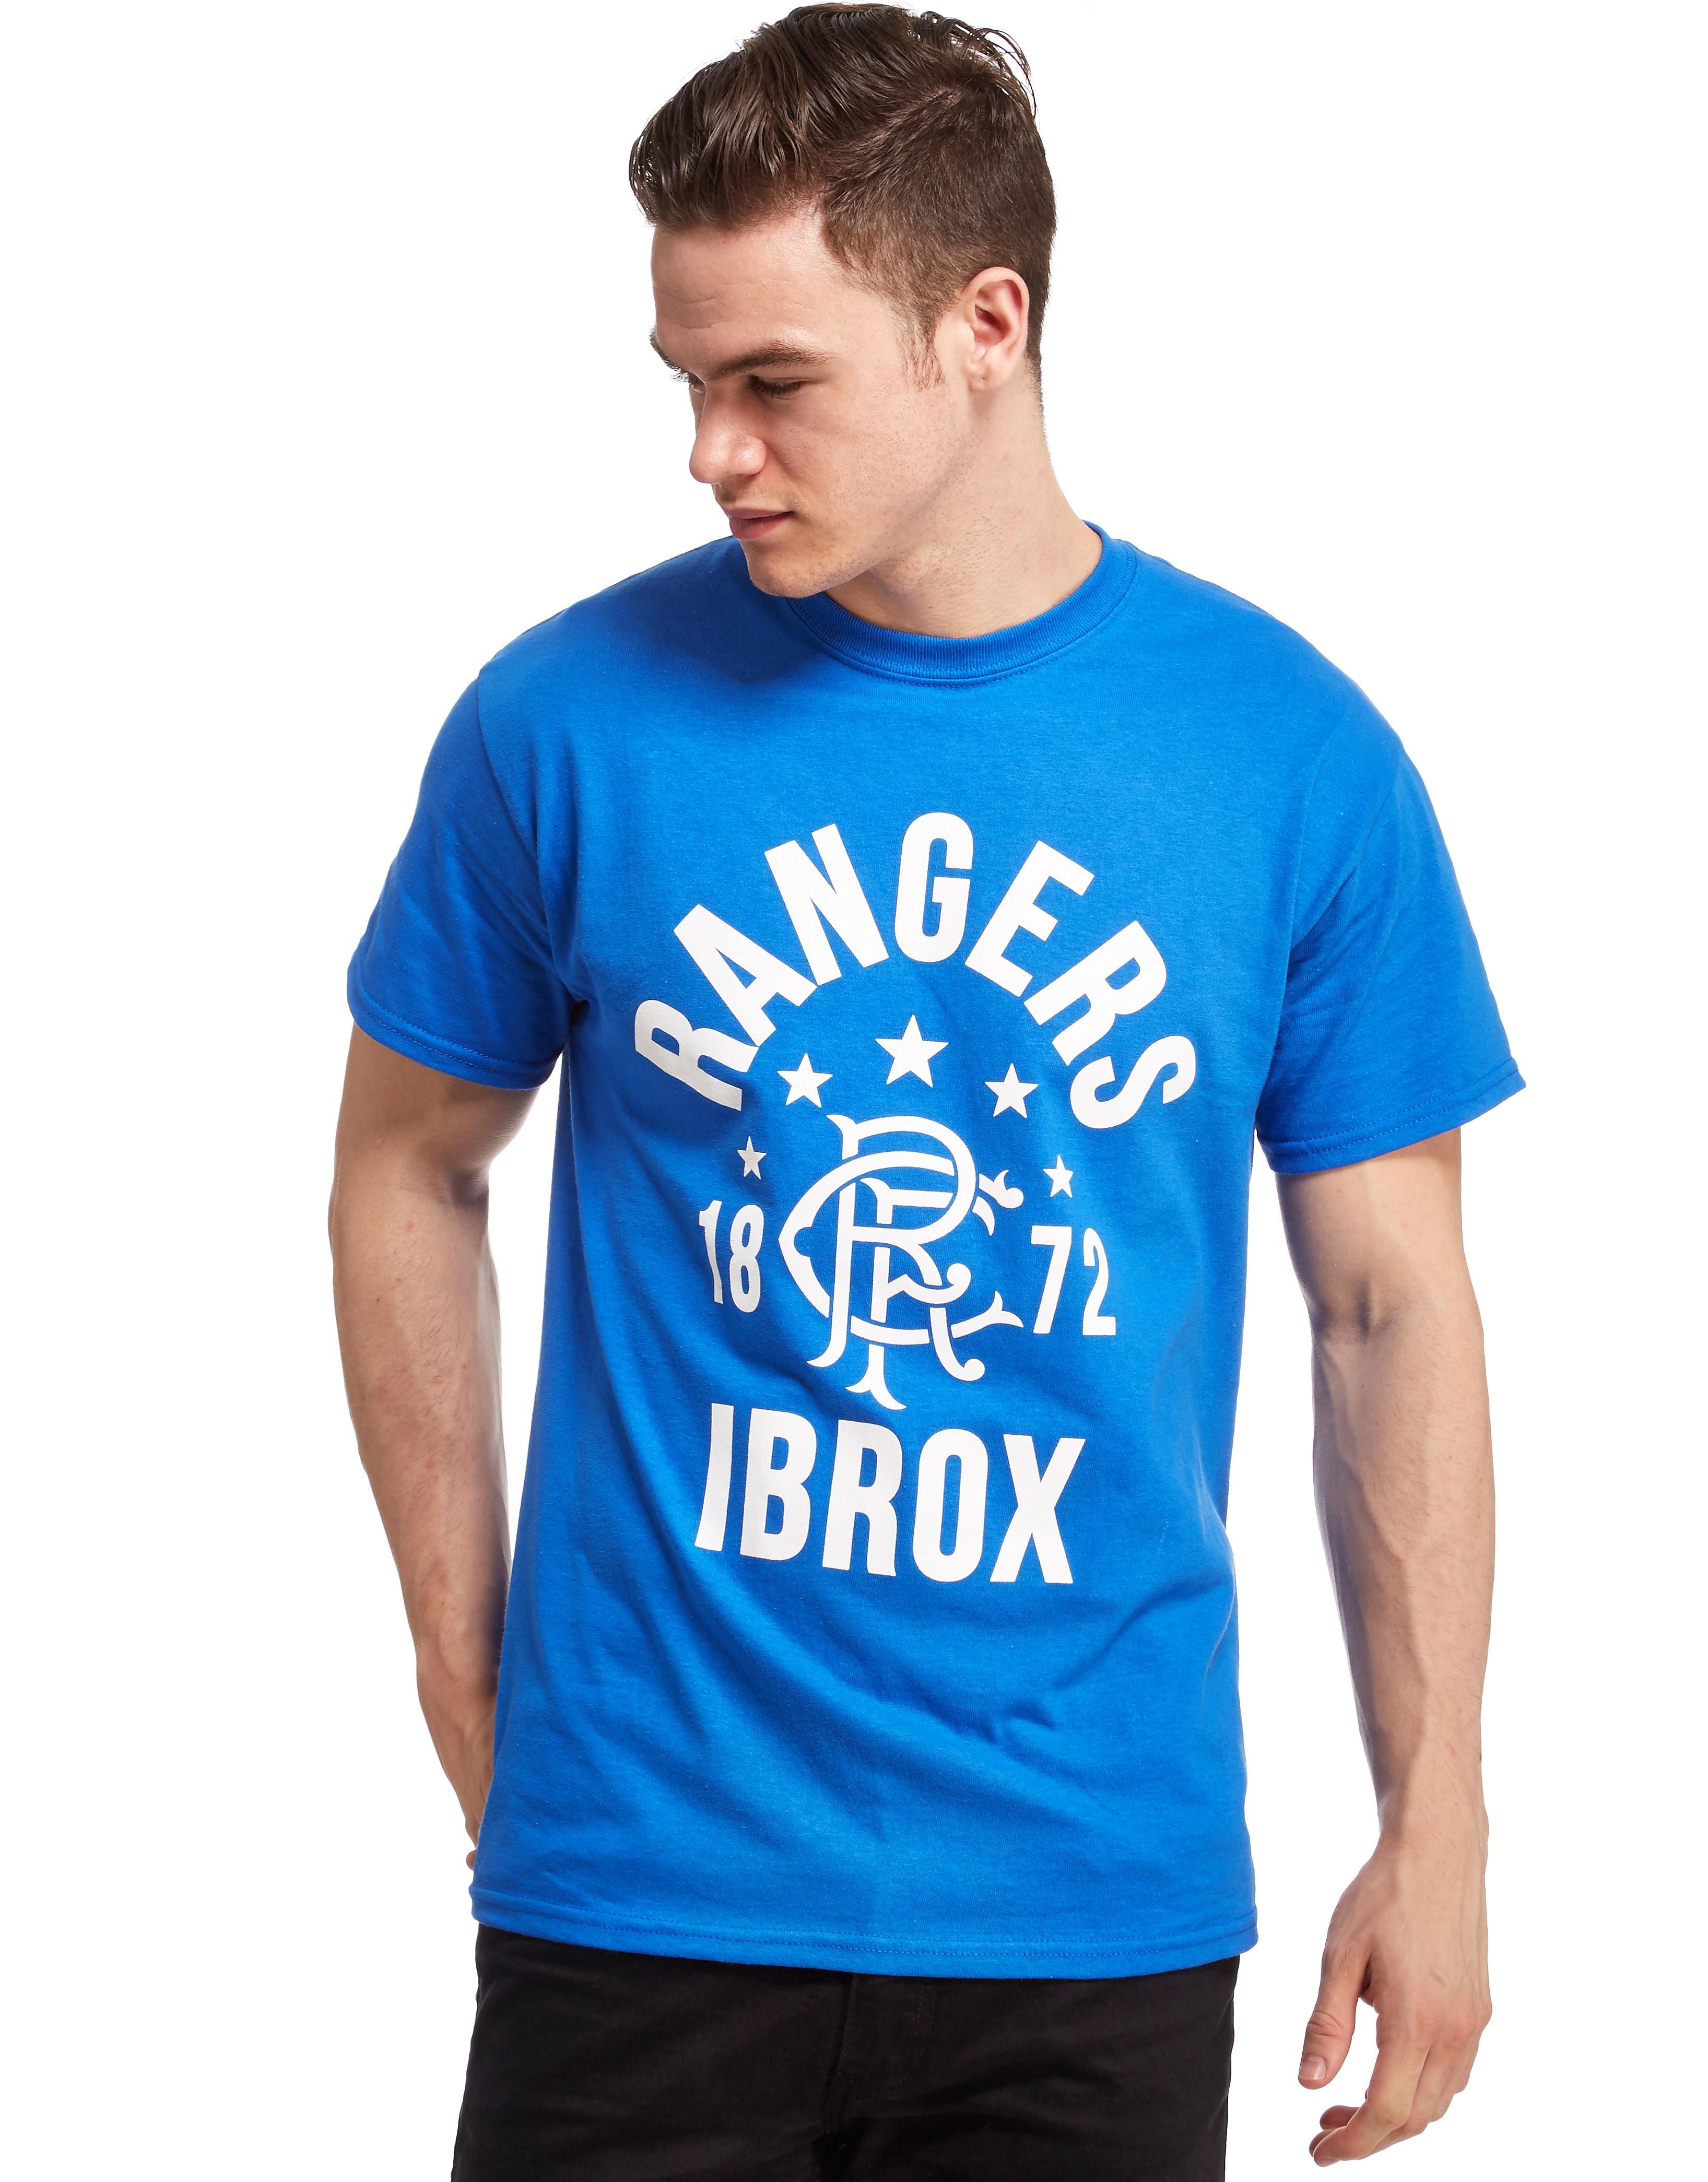 Official Team Rangers FC Ibrox T-Shirt